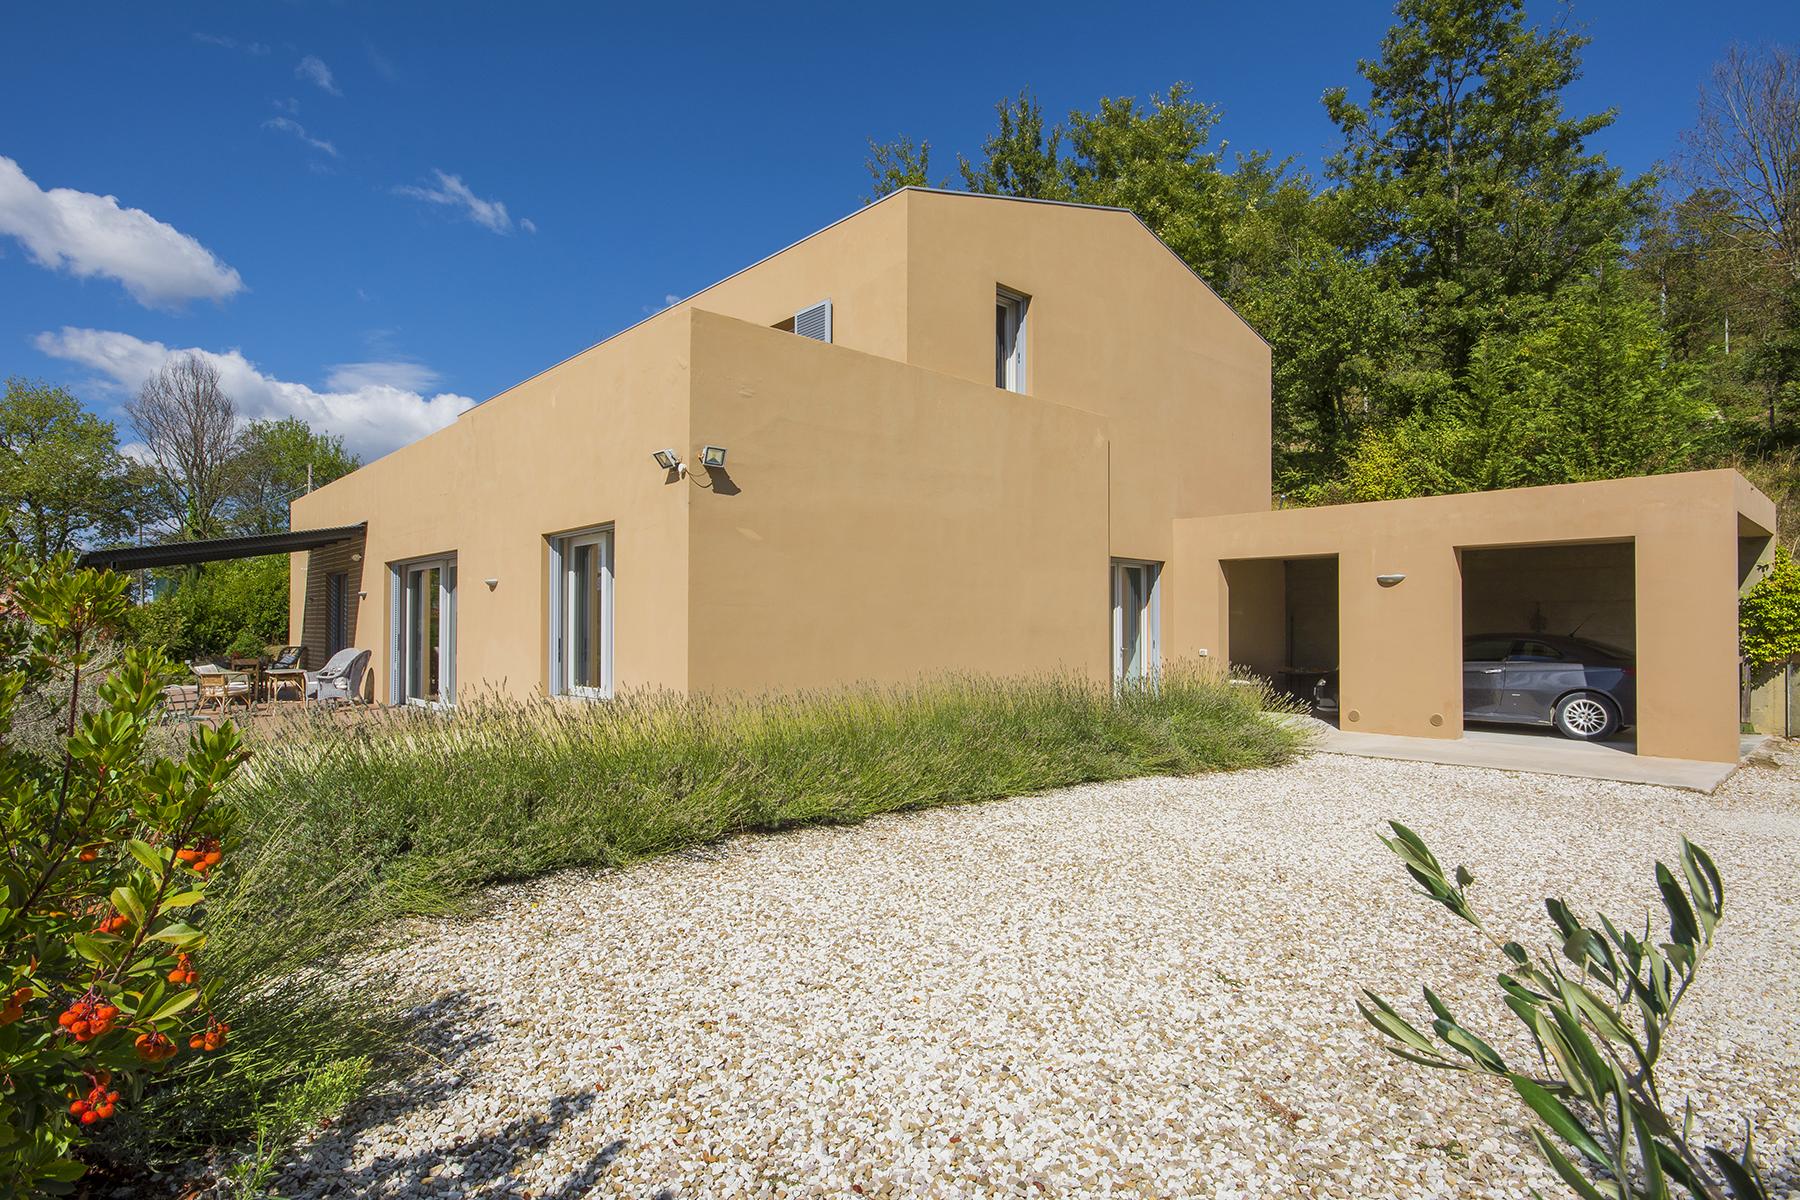 Casa indipendente in Vendita a Lisciano Niccone: 5 locali, 414 mq - Foto 6